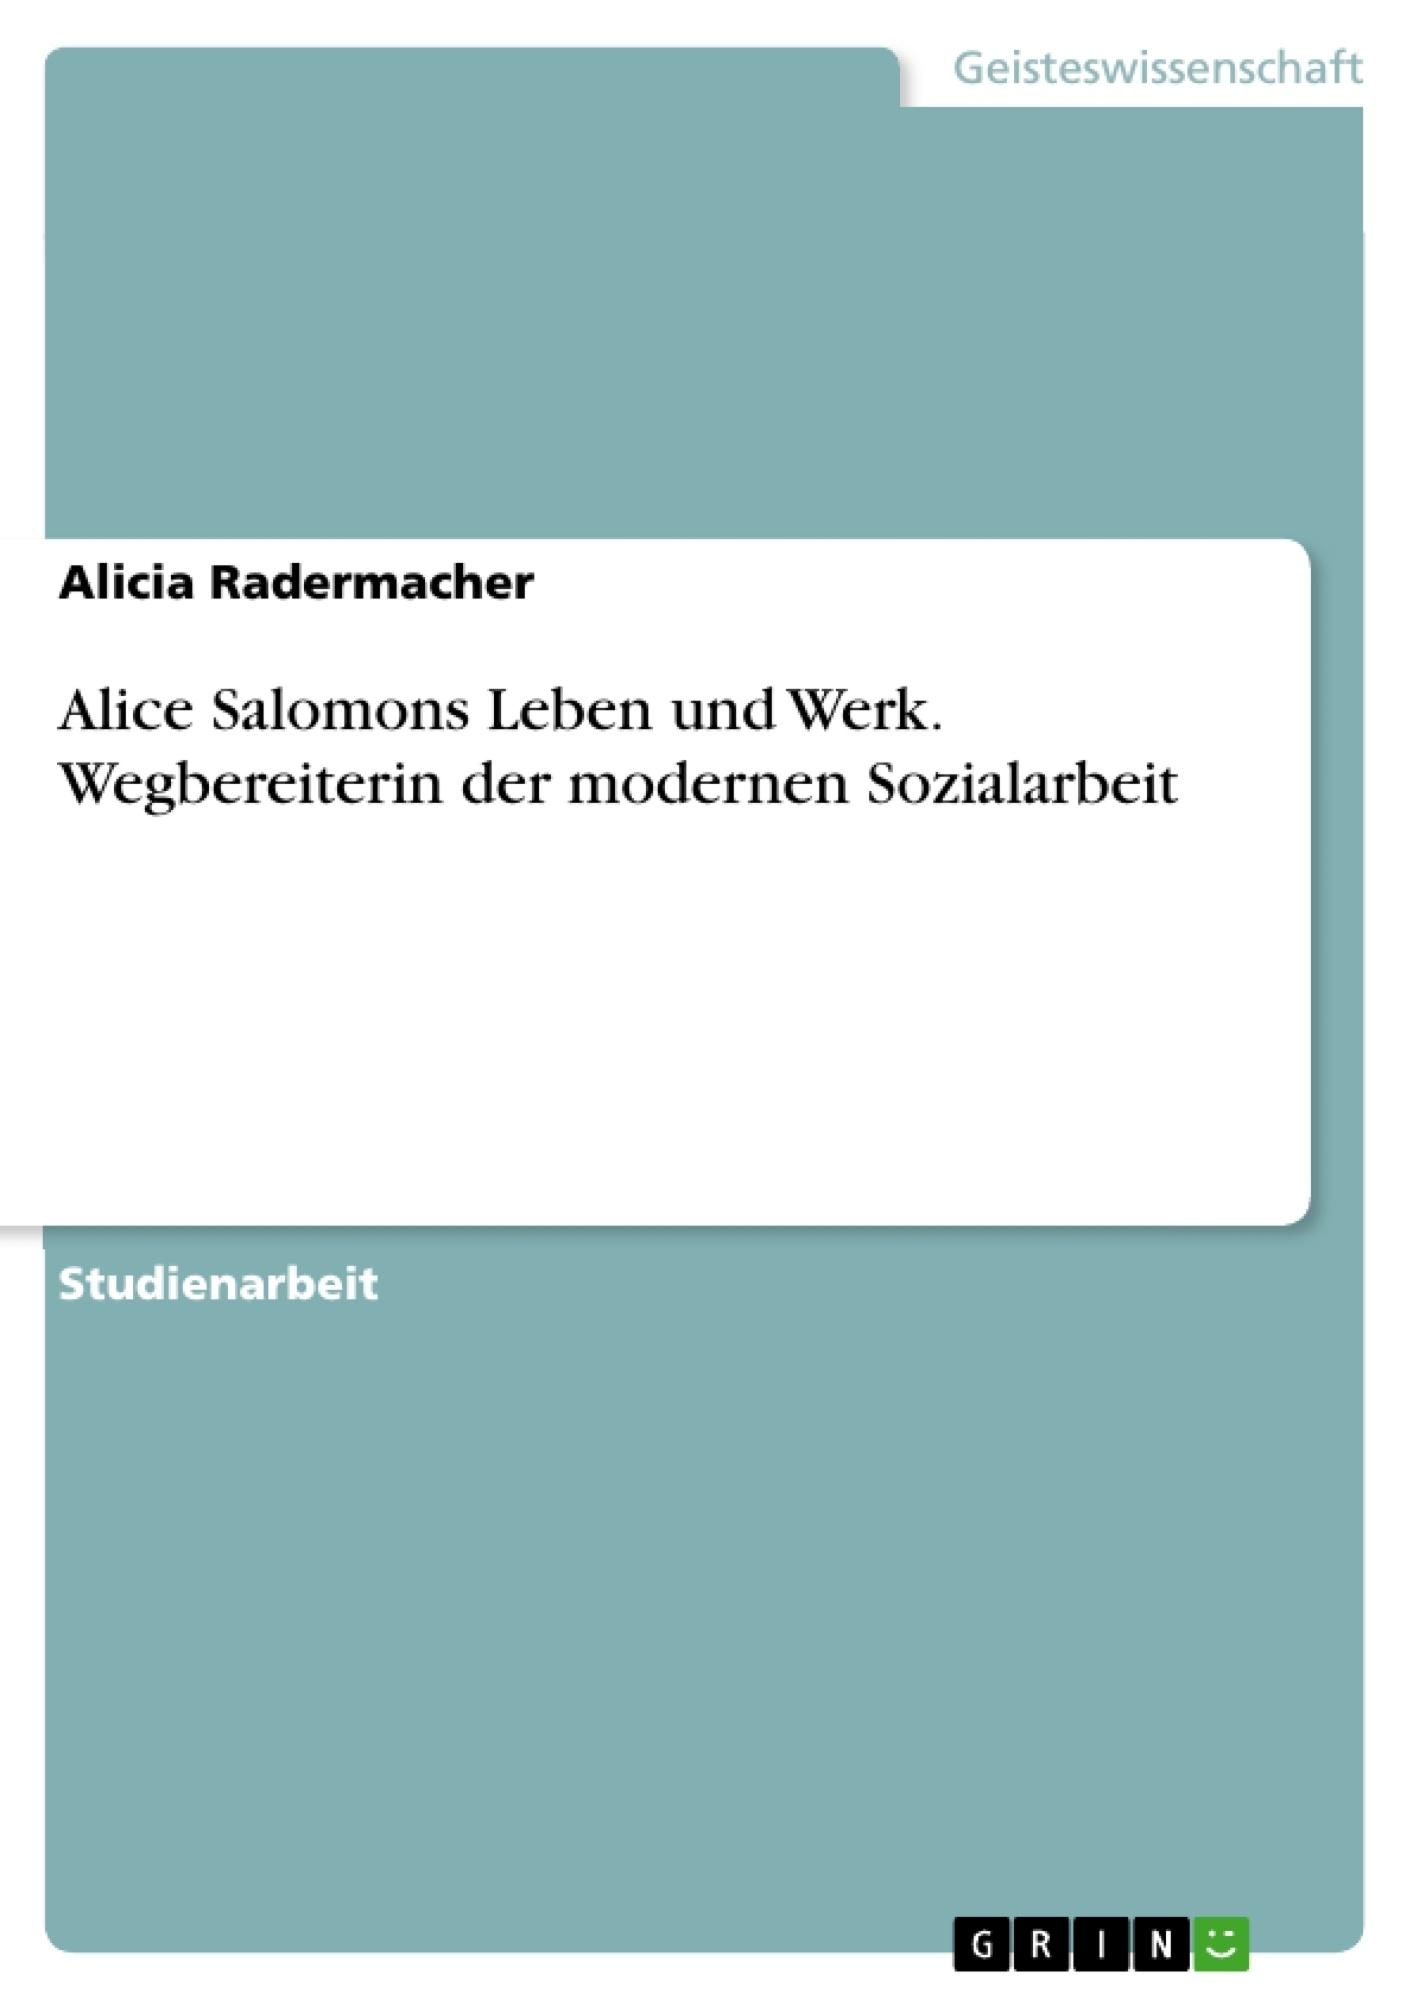 Titel: Alice Salomons Leben und Werk. Wegbereiterin der modernen Sozialarbeit